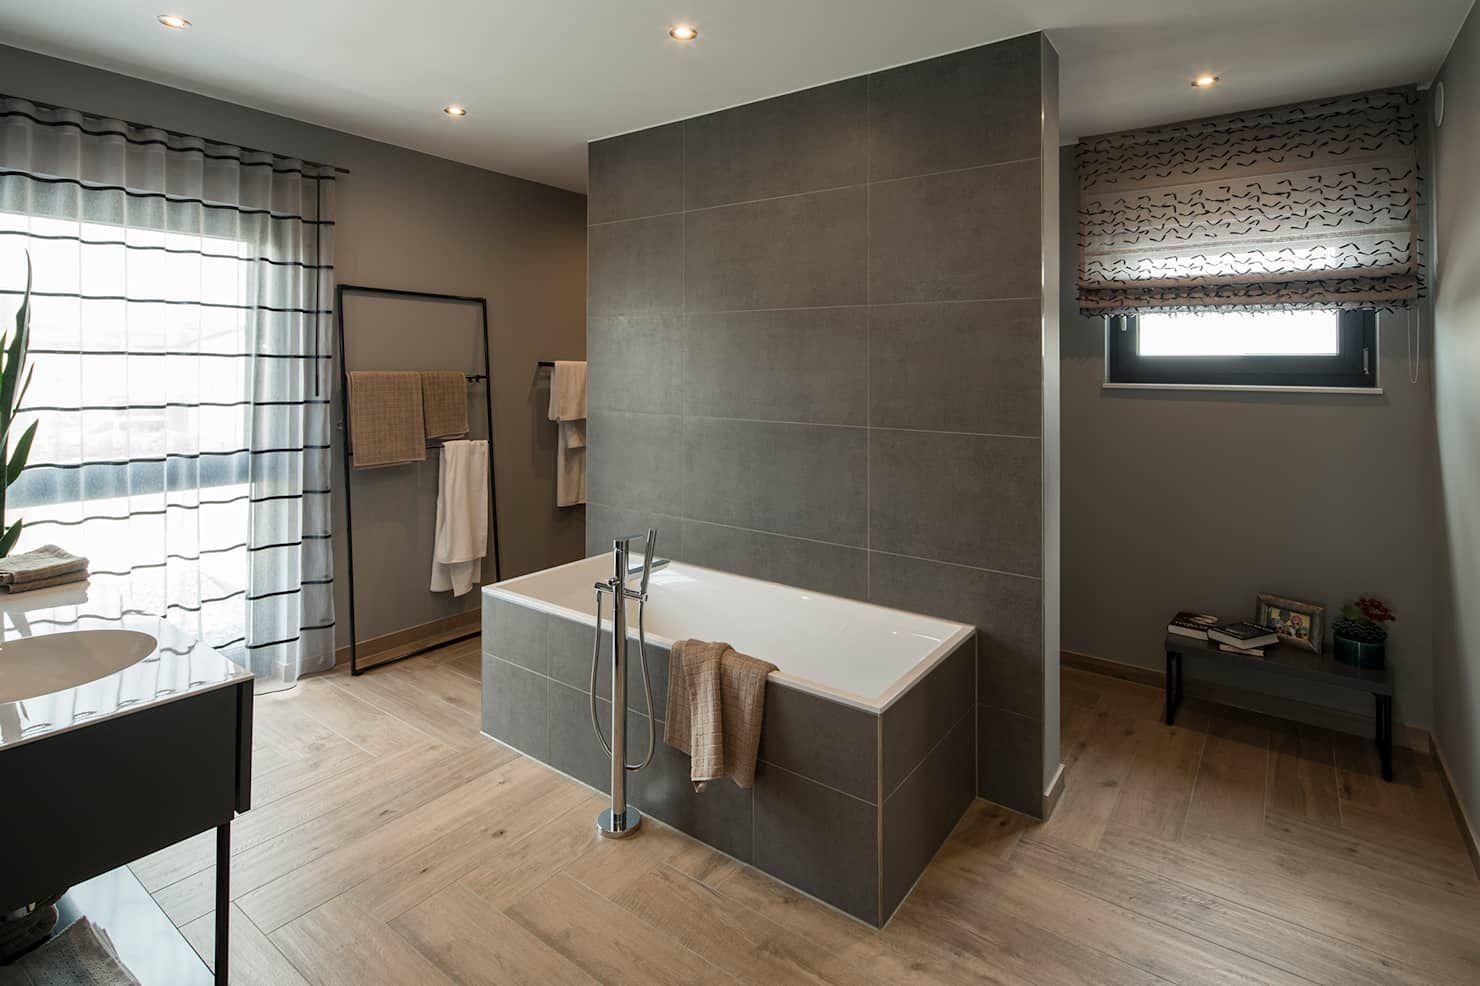 Badezimmer Maxim Gemutliches Badezimmer Mit Holzboden Moderne Badezimmer Von Fingerhaus Gmbh Bauunter In 2020 Gemutliches Badezimmer Badezimmer Holzboden Badezimmer